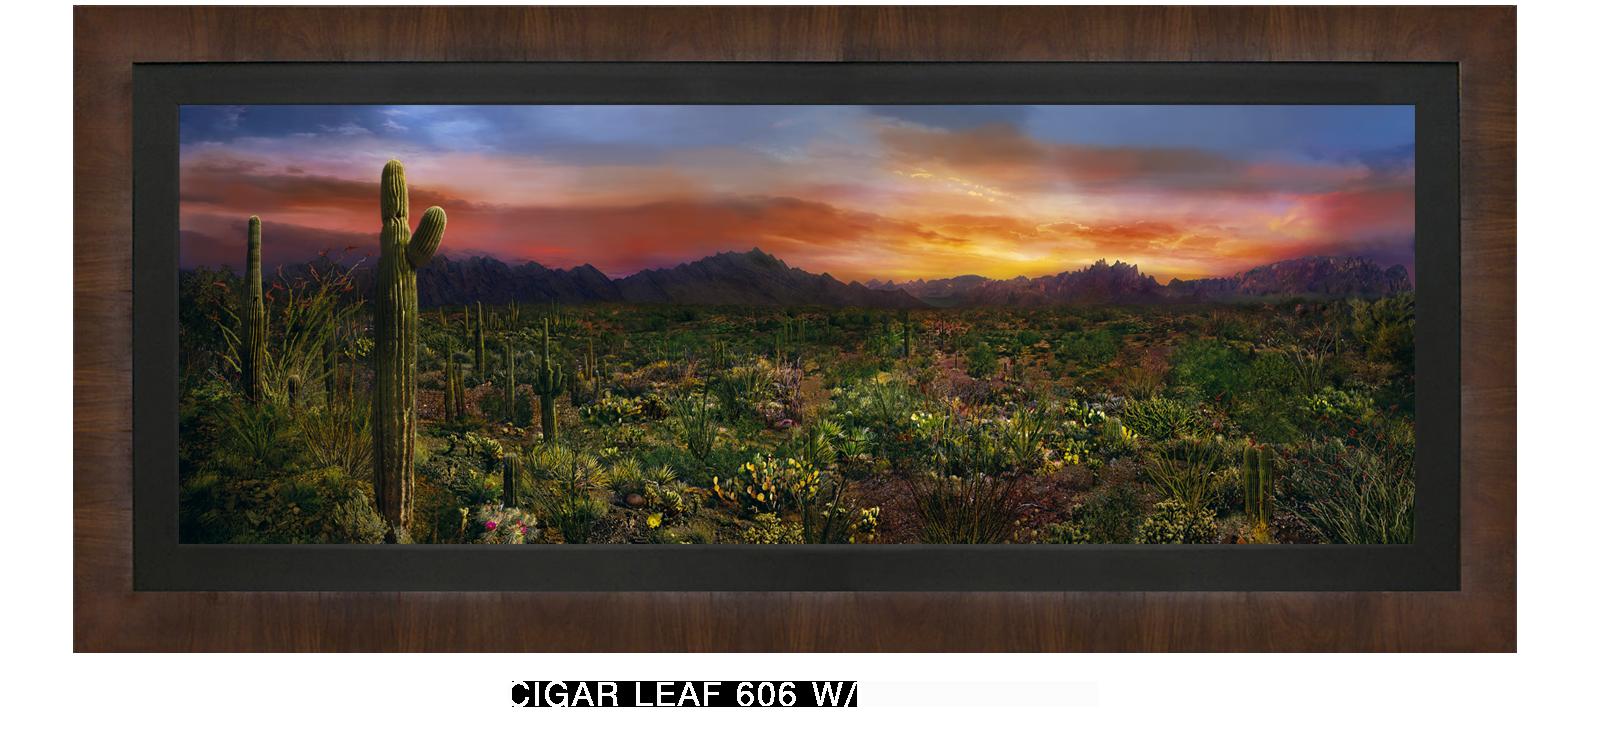 20EDEN VERNALIS Cigar Leaf 606 w_Blk Liner T2